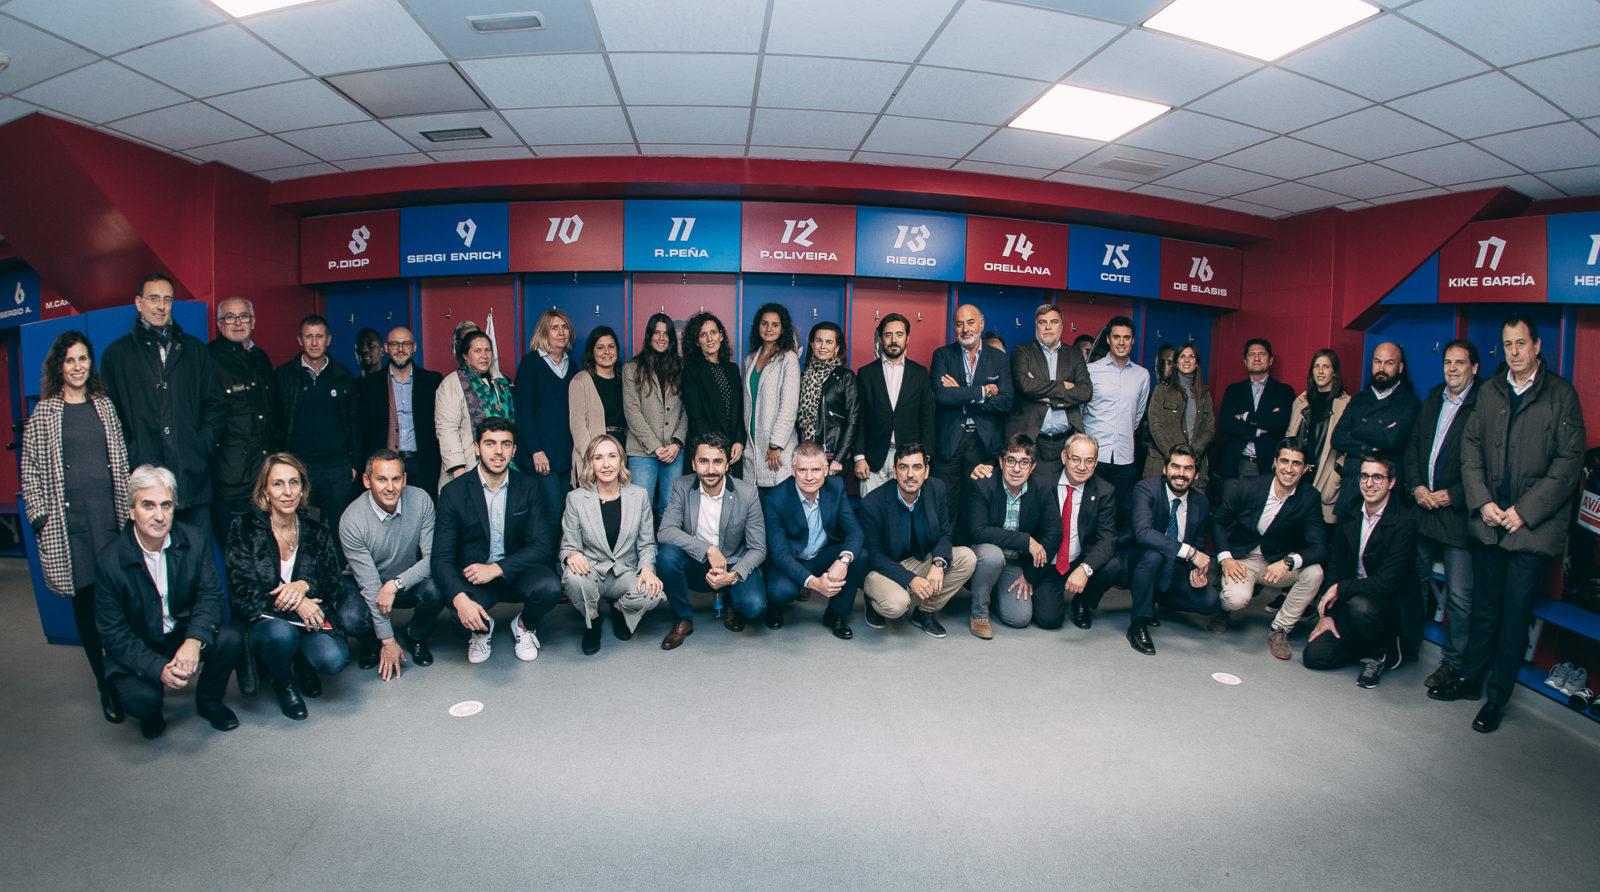 La Fundación Rayo Vallecano participa en el XII Encuentro de Fundaciones de clubes de fútbol profesional